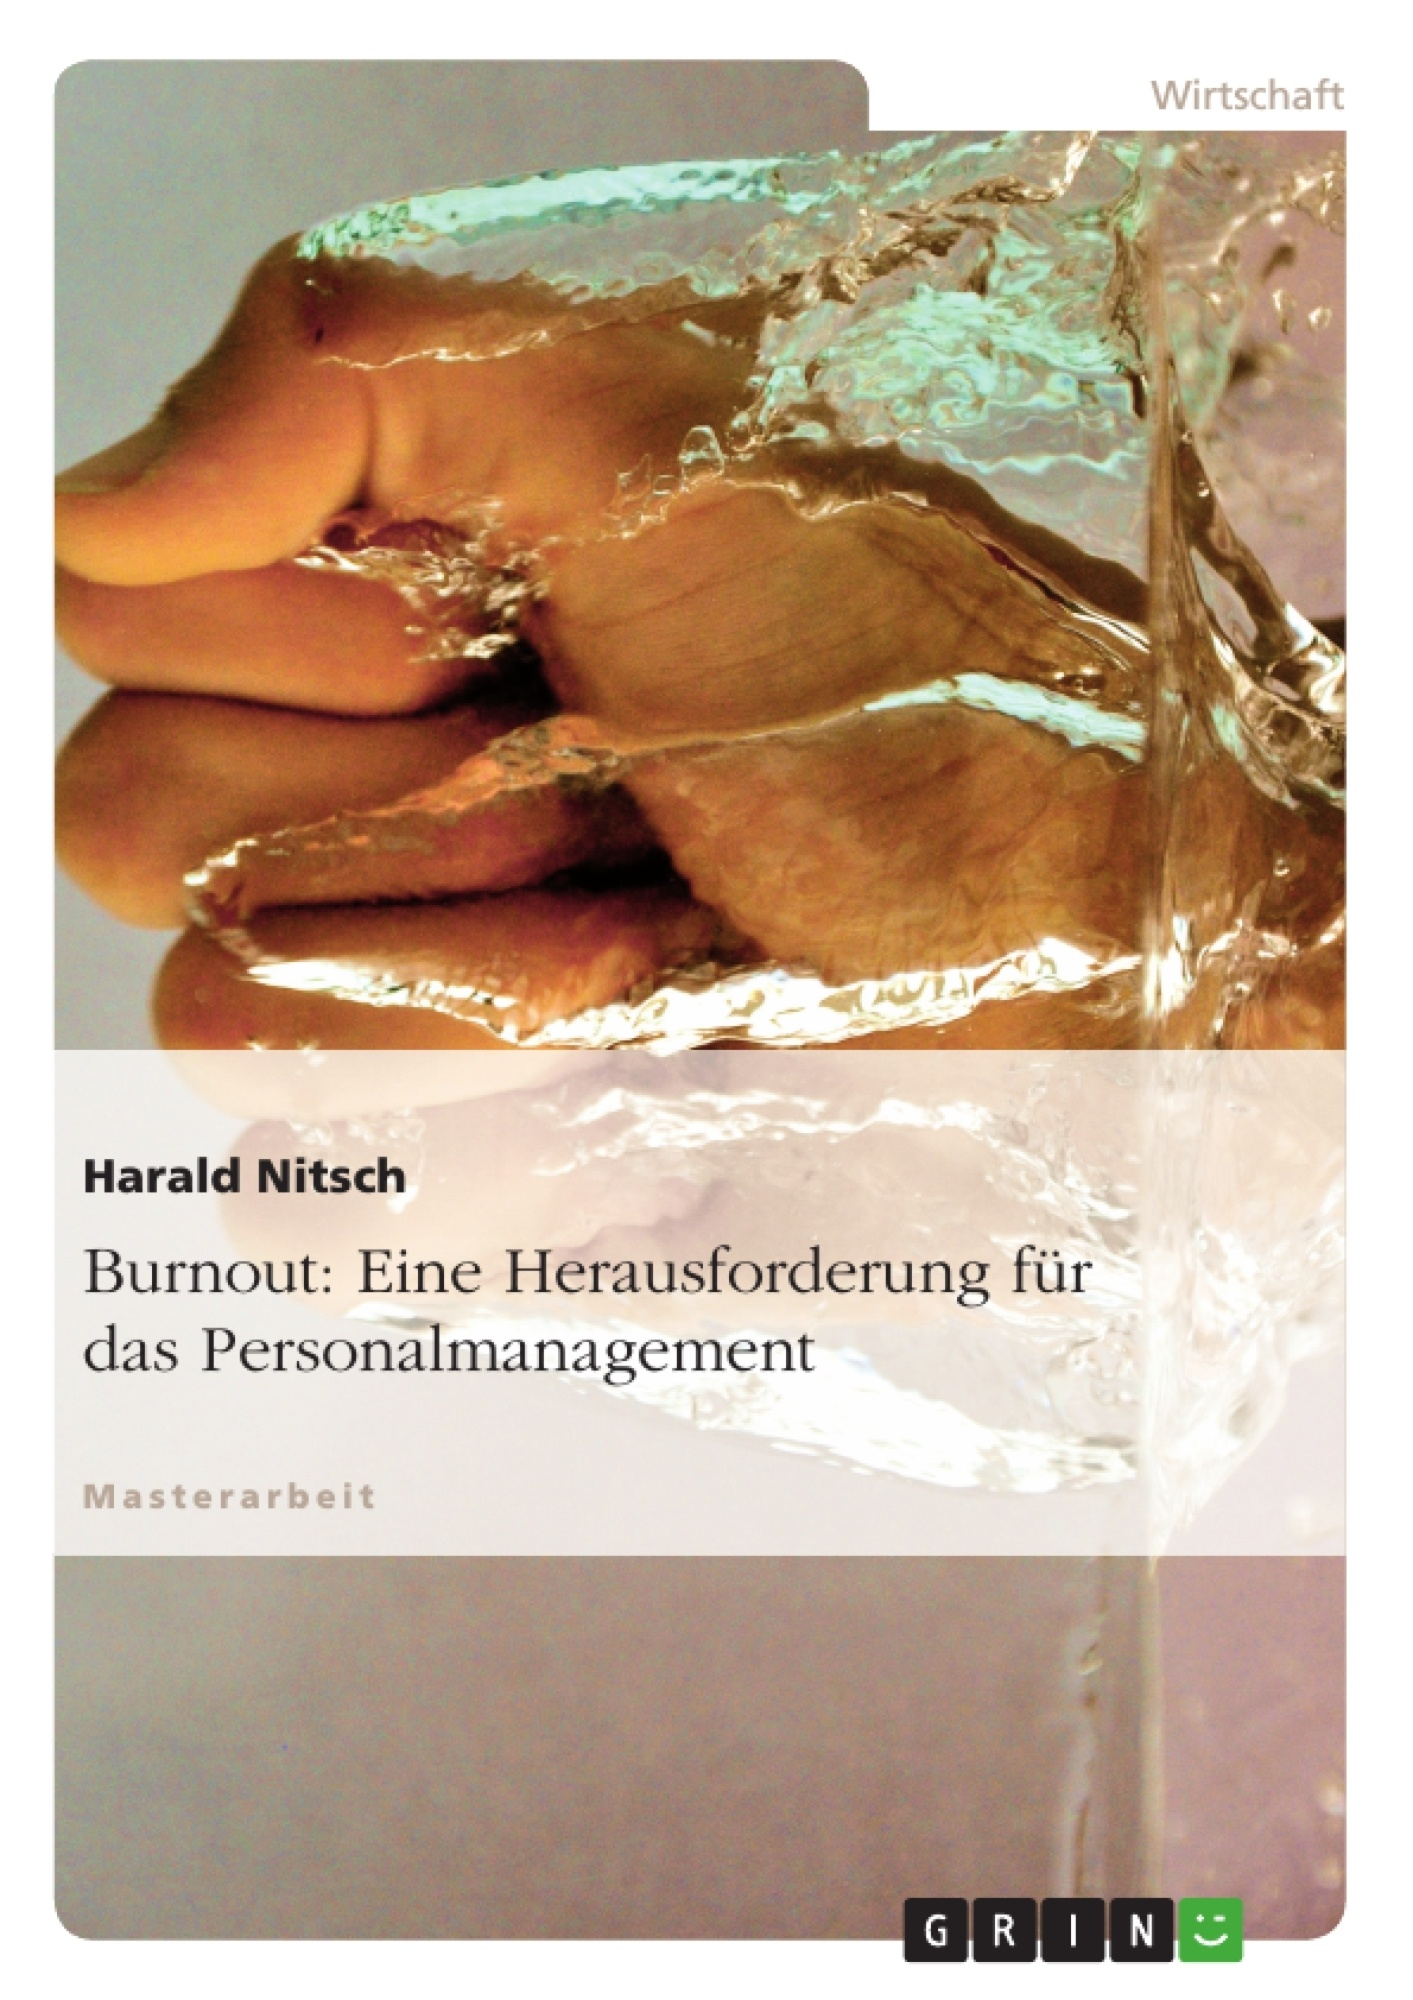 Titel: Burnout: Eine Herausforderung für das Personalmanagement